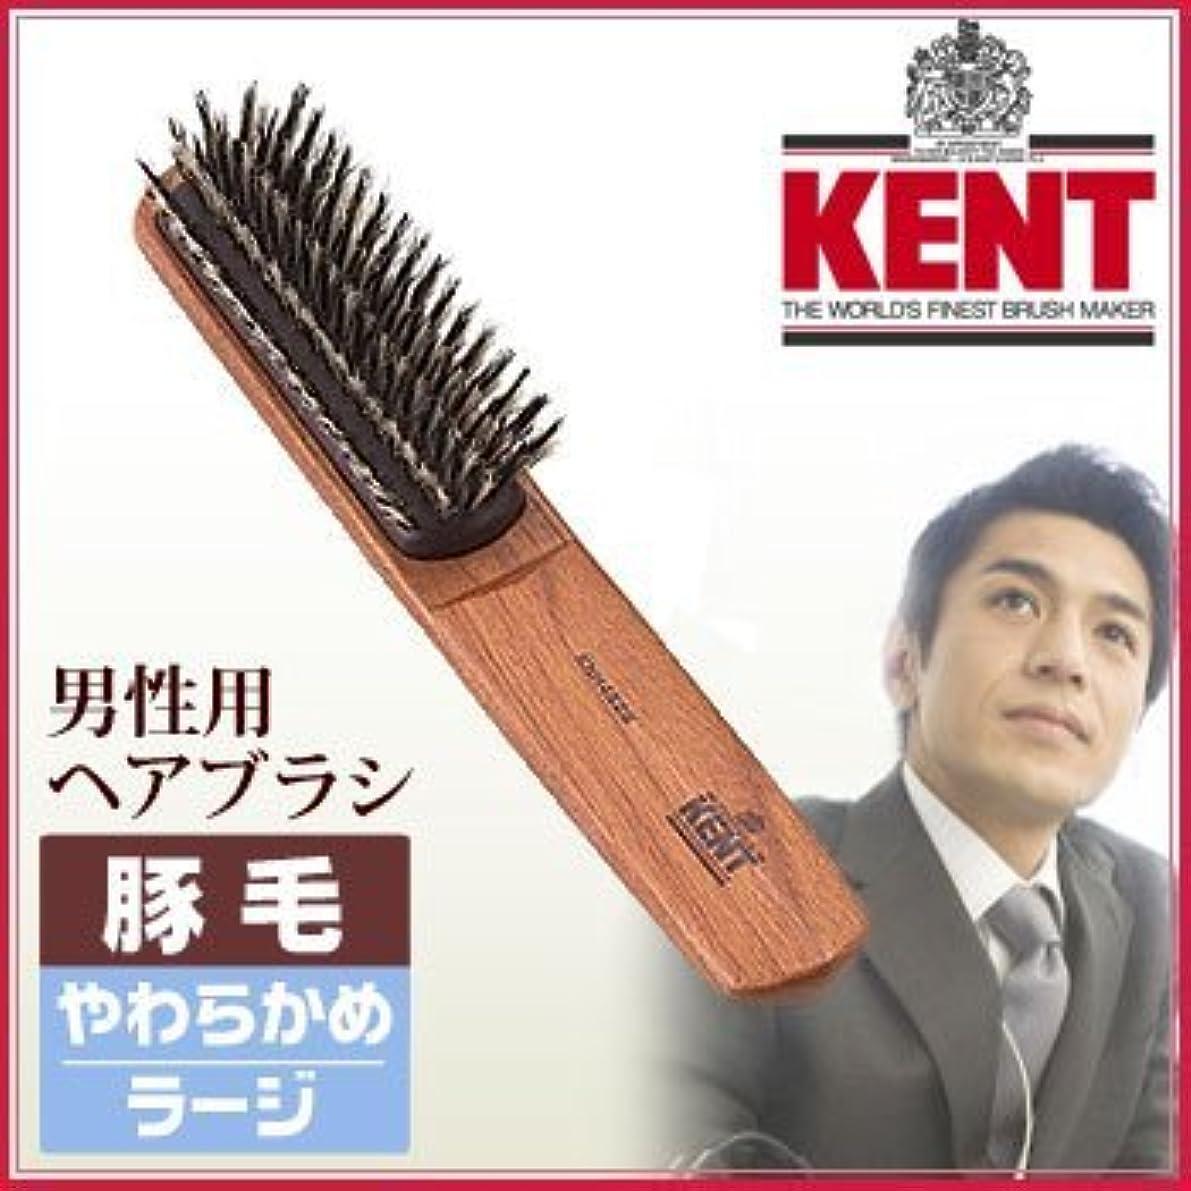 影響する芸術的代表するKENT メンズ トリプレックスブラシ[ラージサイズ/豚毛やわらかめ]KNH-4628ケント